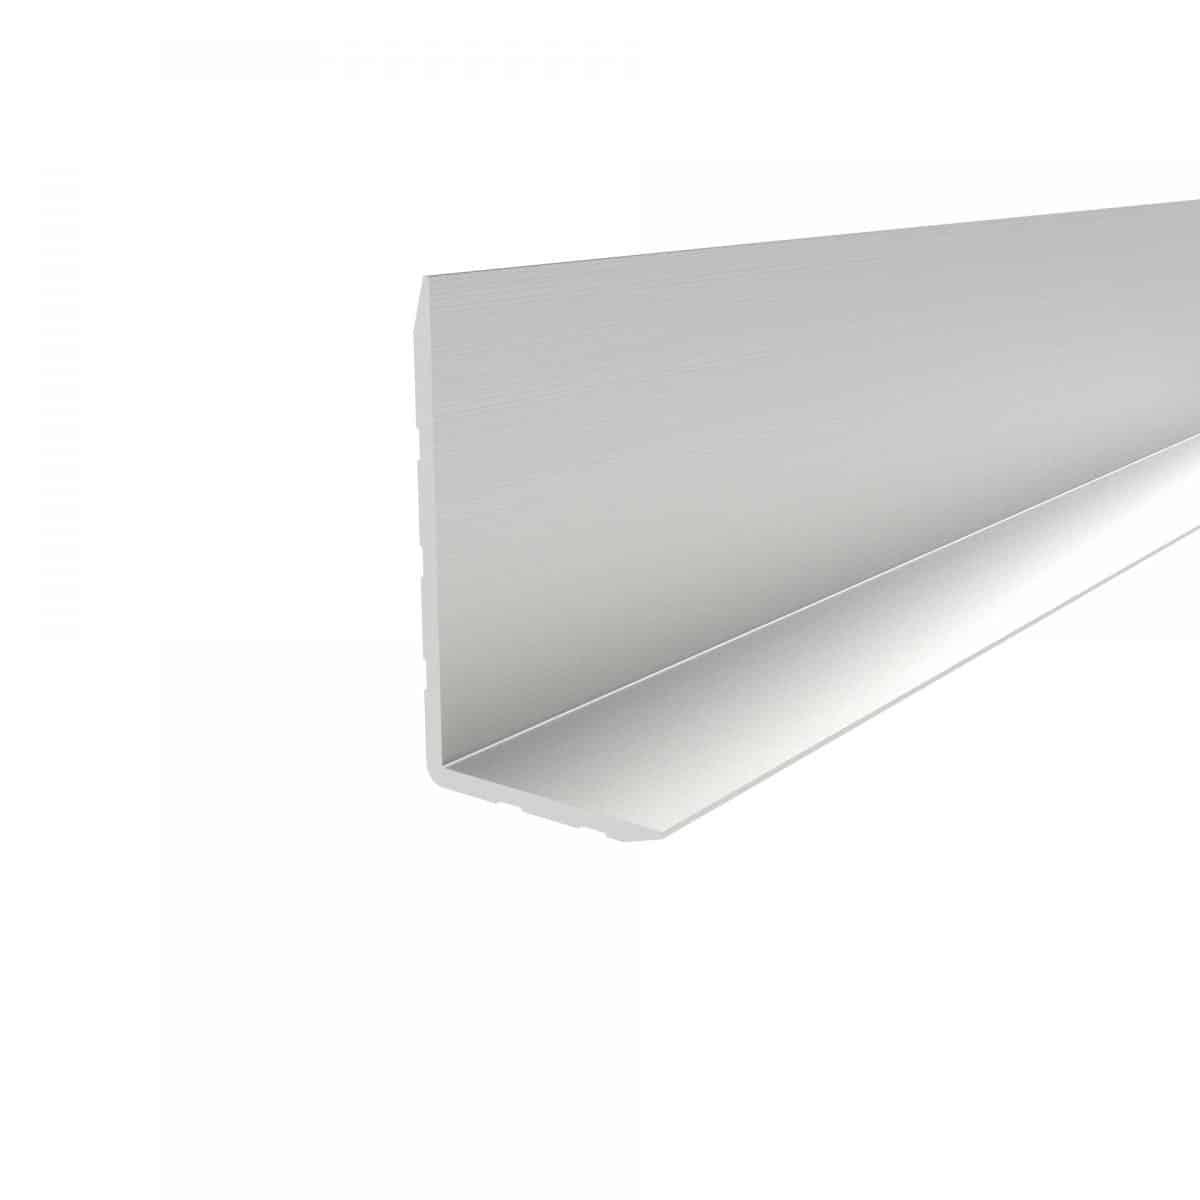 E-L3520 Aluminum 35X20MM Angle Extrusion